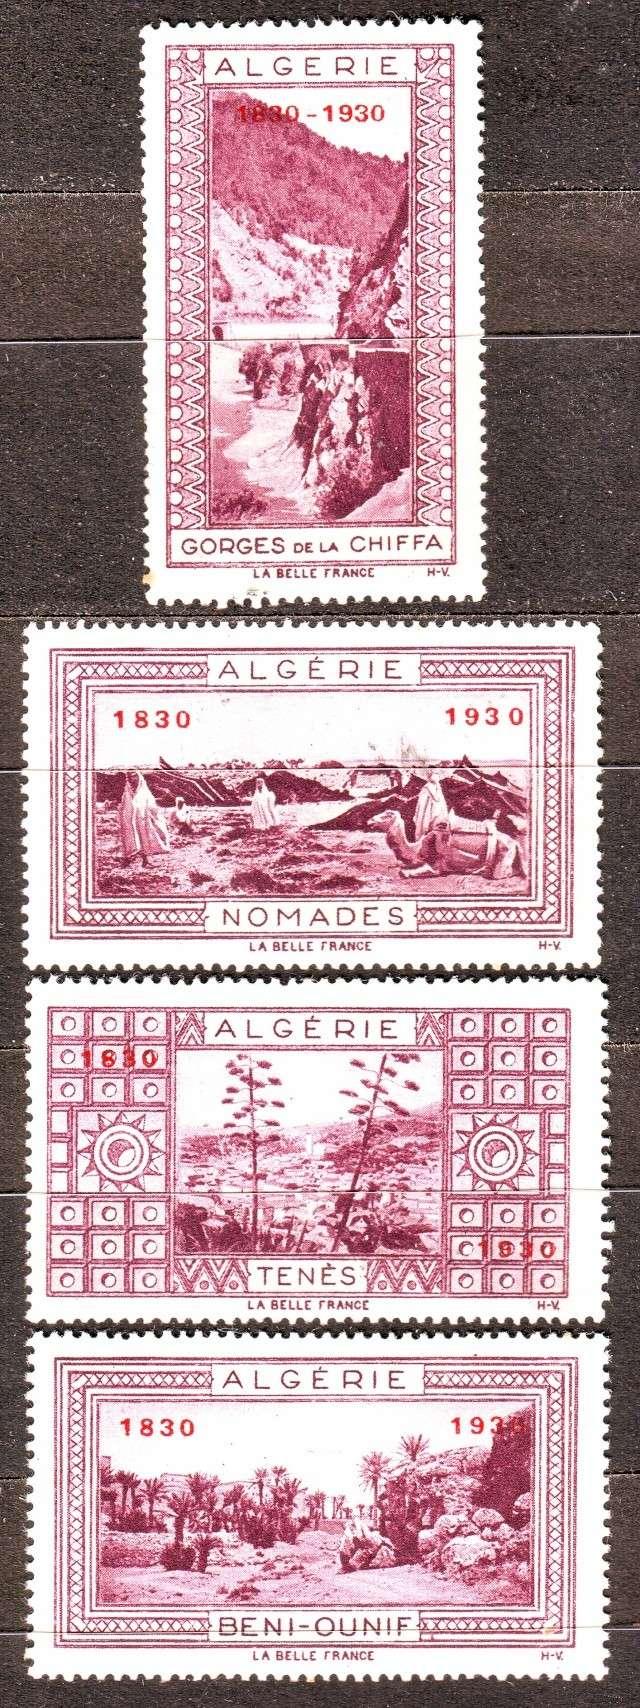 Une autre façon de célébrer le centenaire de l'Algérie. Sans_t37